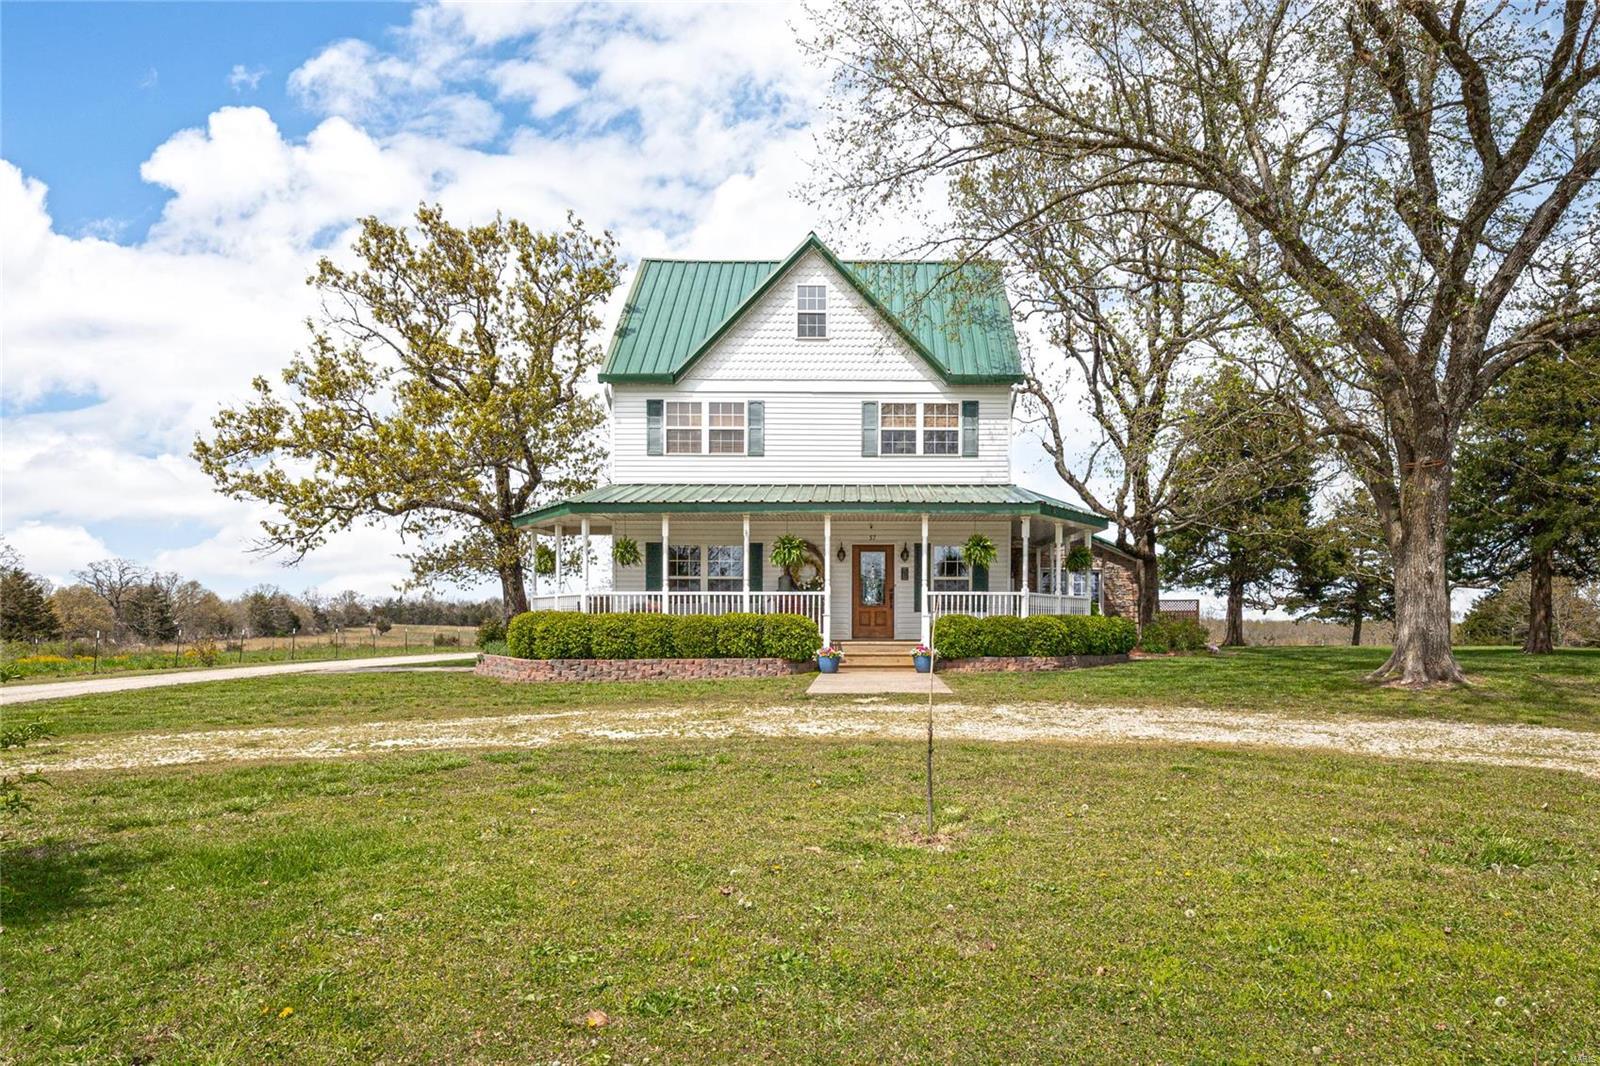 57 N Davis Property Photo - Stoutland, MO real estate listing